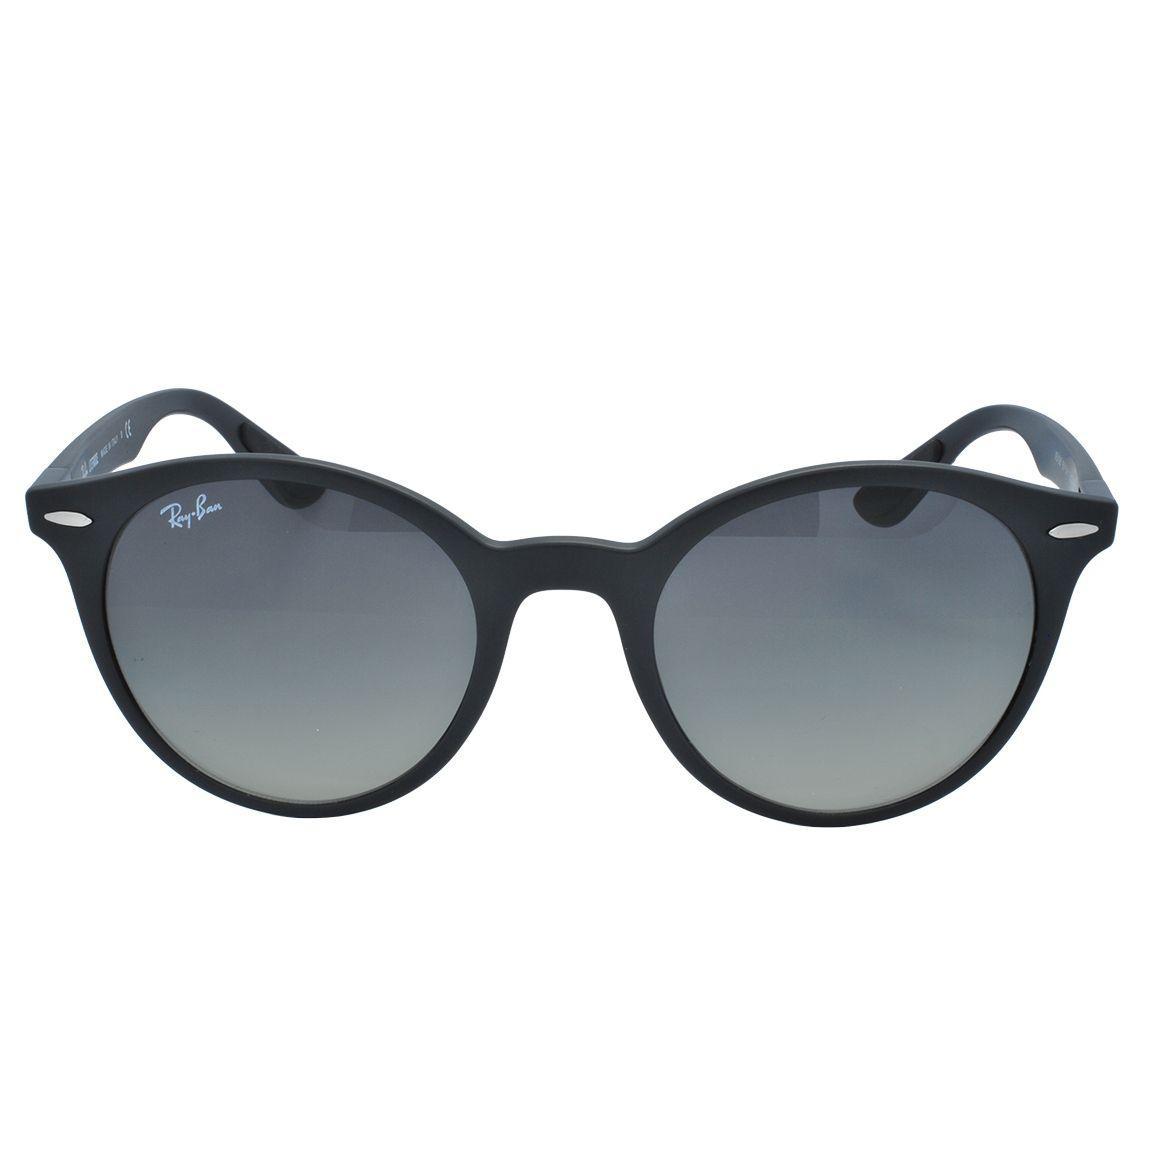 425a2c50b Óculos de Sol Ray Ban Unissex RB4296 601-S/11 Acetato Preto R$ 644,00 à  vista. Adicionar à sacola